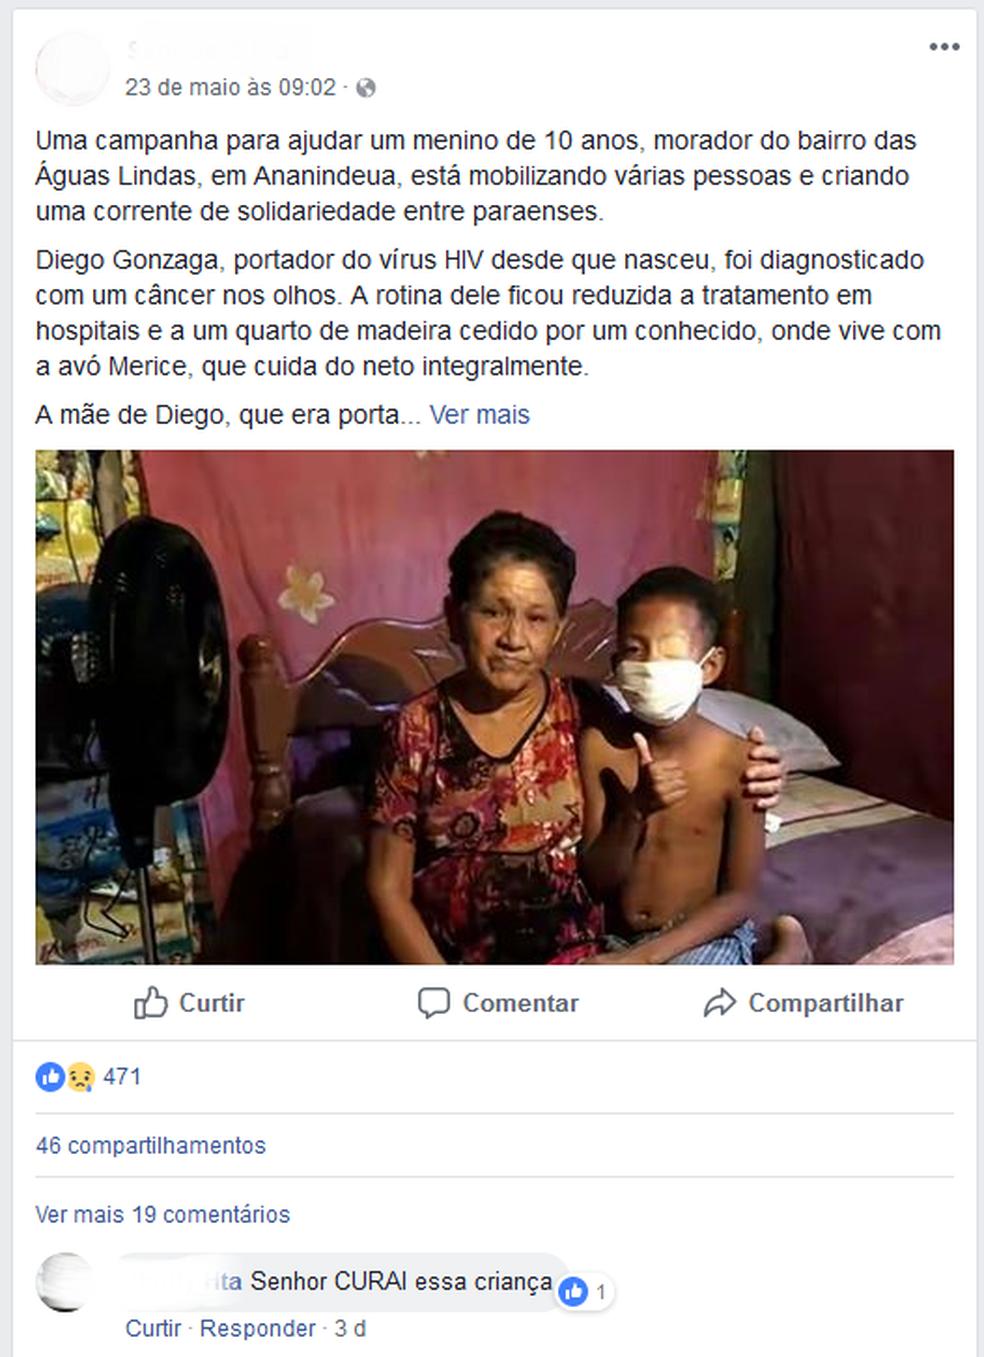 Fraude: família de garoto teria criado uma campanha falsa para arrecadar doações (Foto: Reprodução/Facebook)